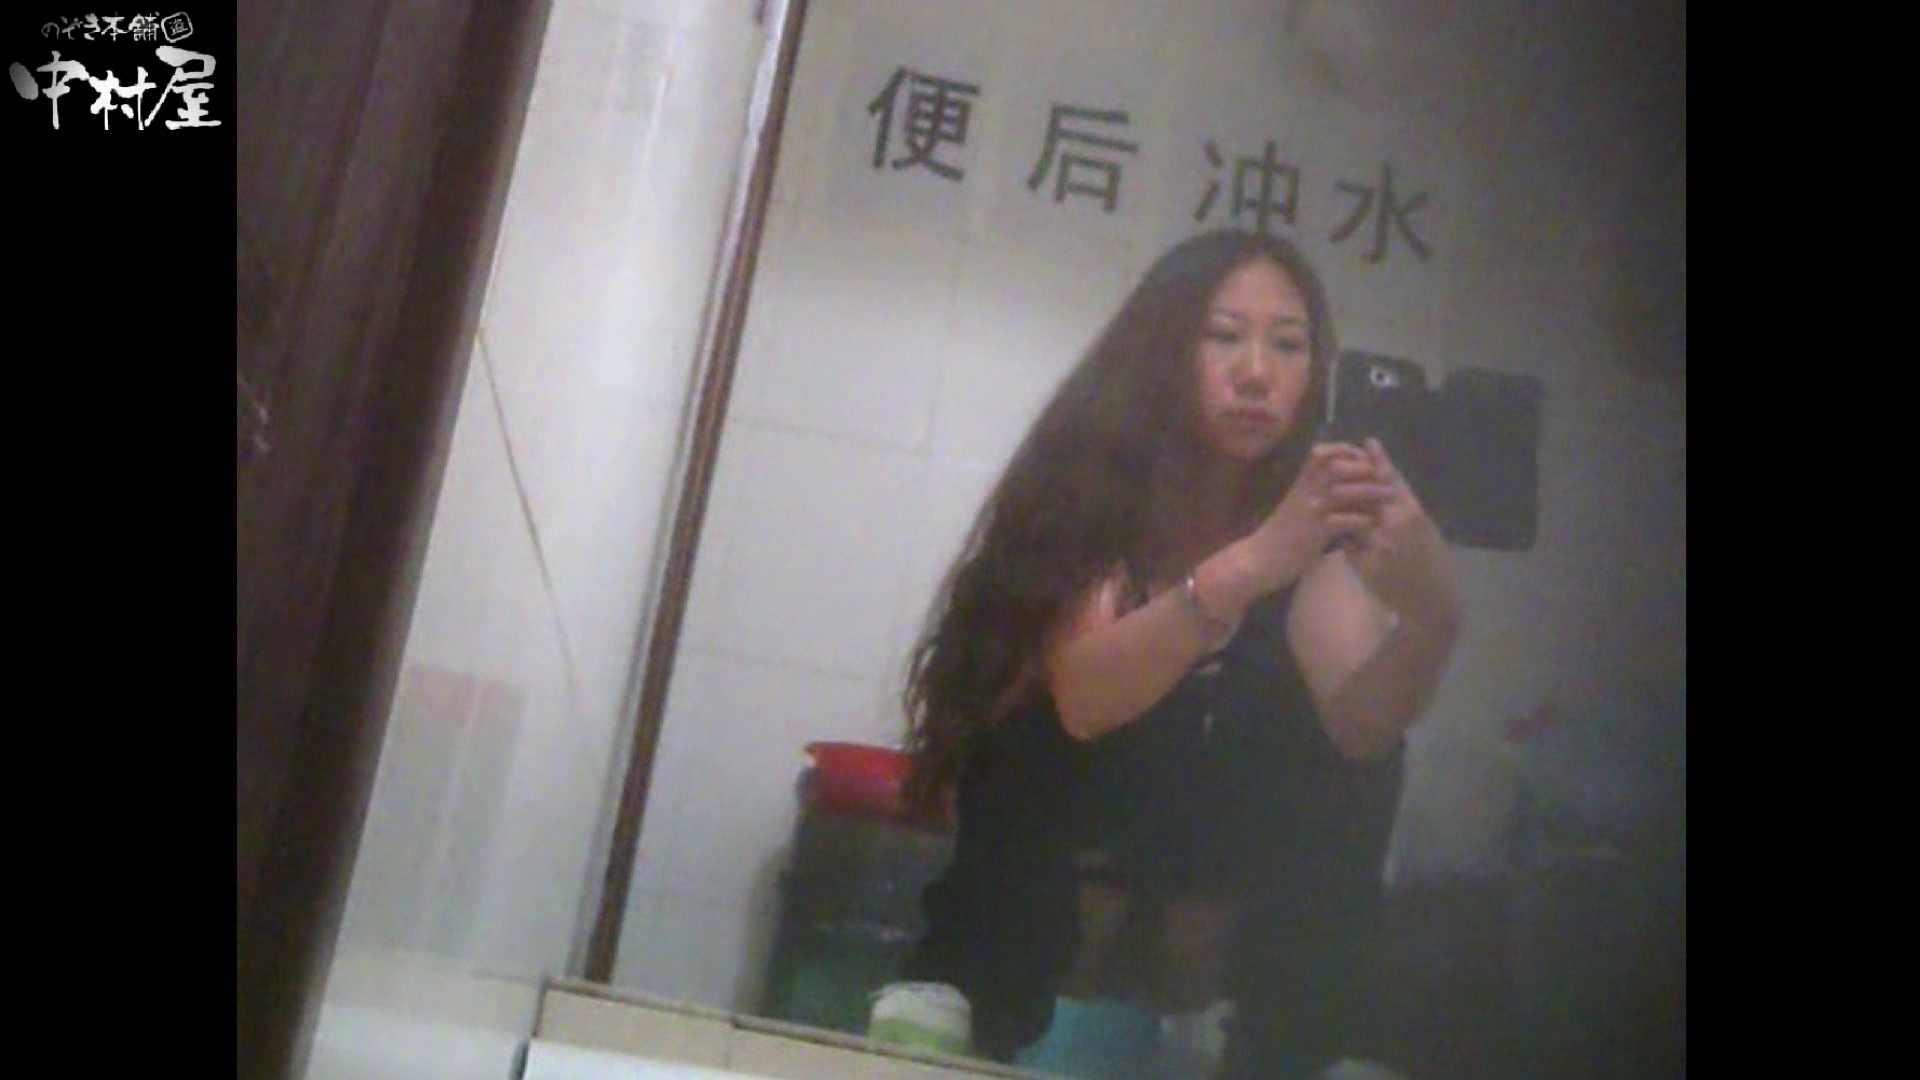 李さんの盗撮日記 Vol.03 HなOL AV無料動画キャプチャ 101pic 86